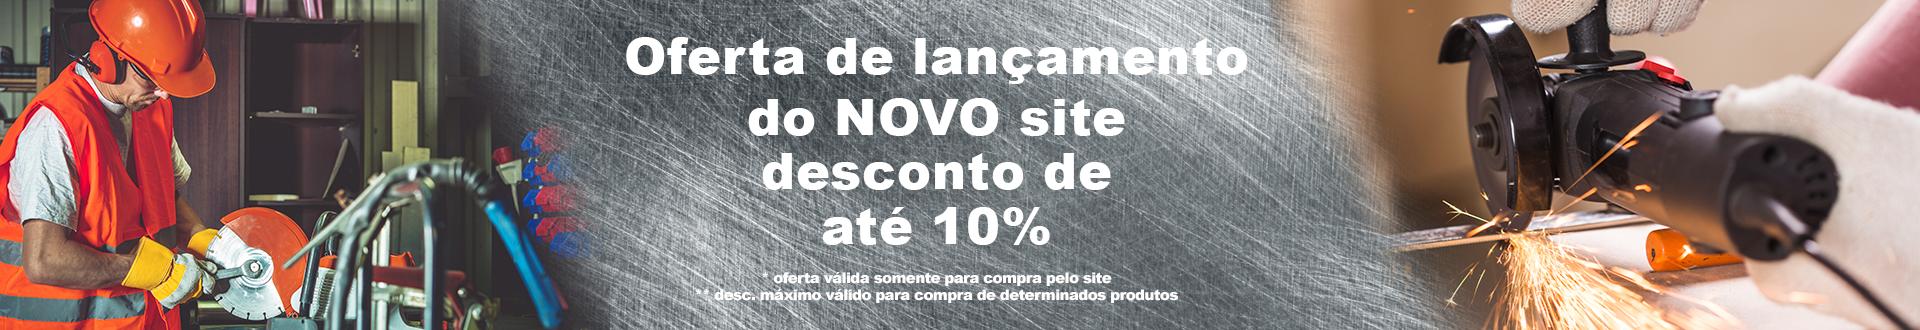 2019 02 15 fundo escovado+policorte+esmeril+até 10%desc todo site